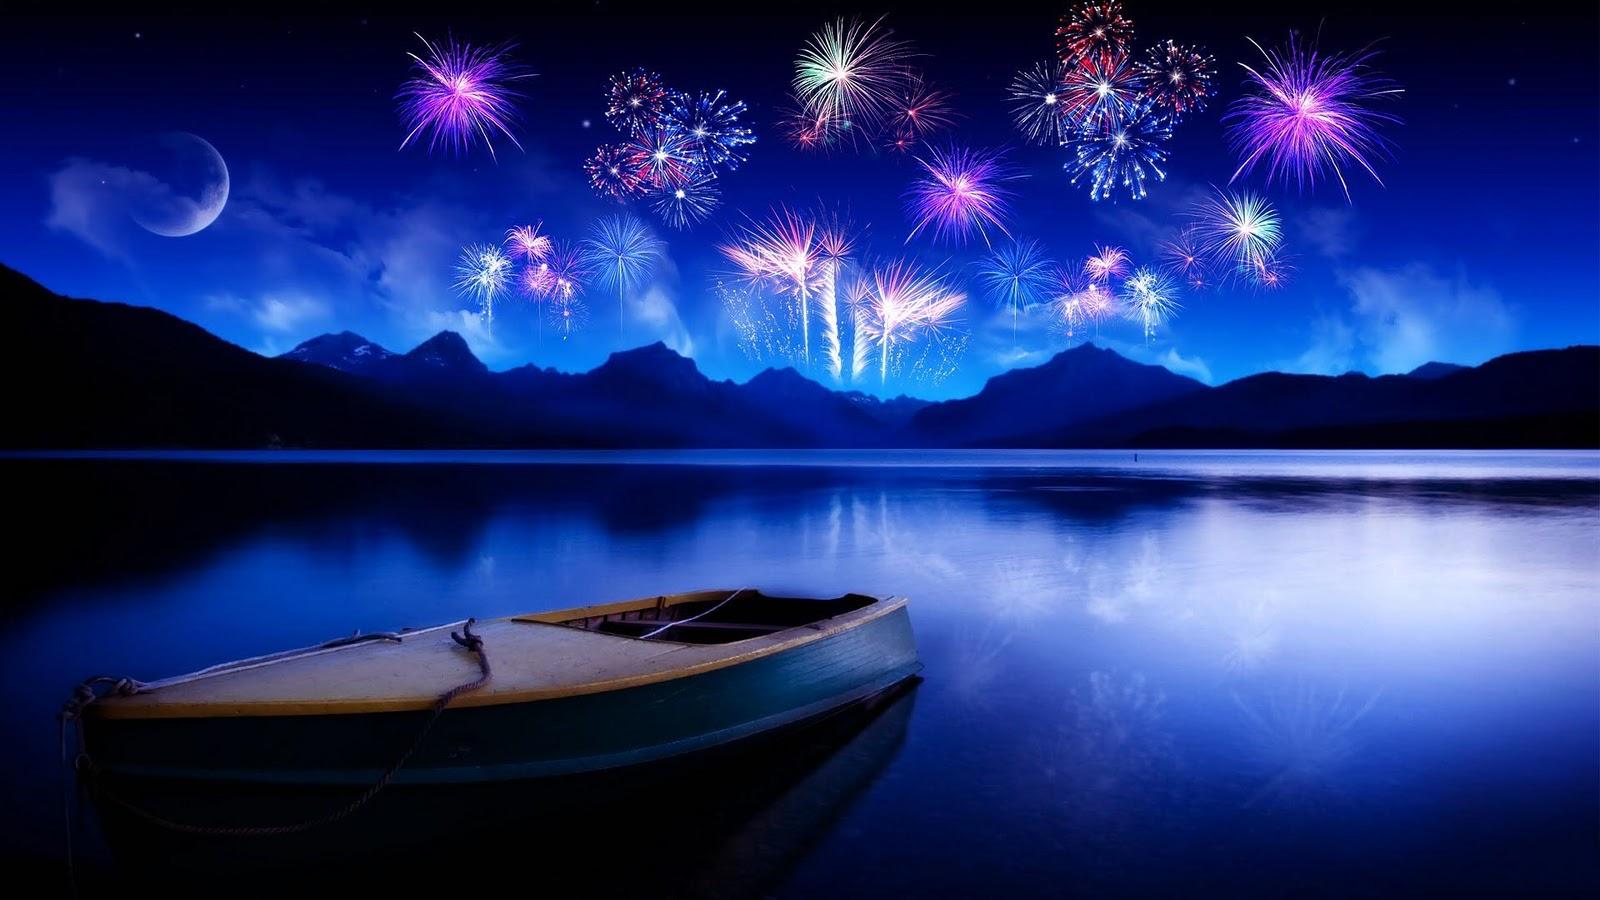 Best Desktop HD Wallpaper - Firework Wallpapers